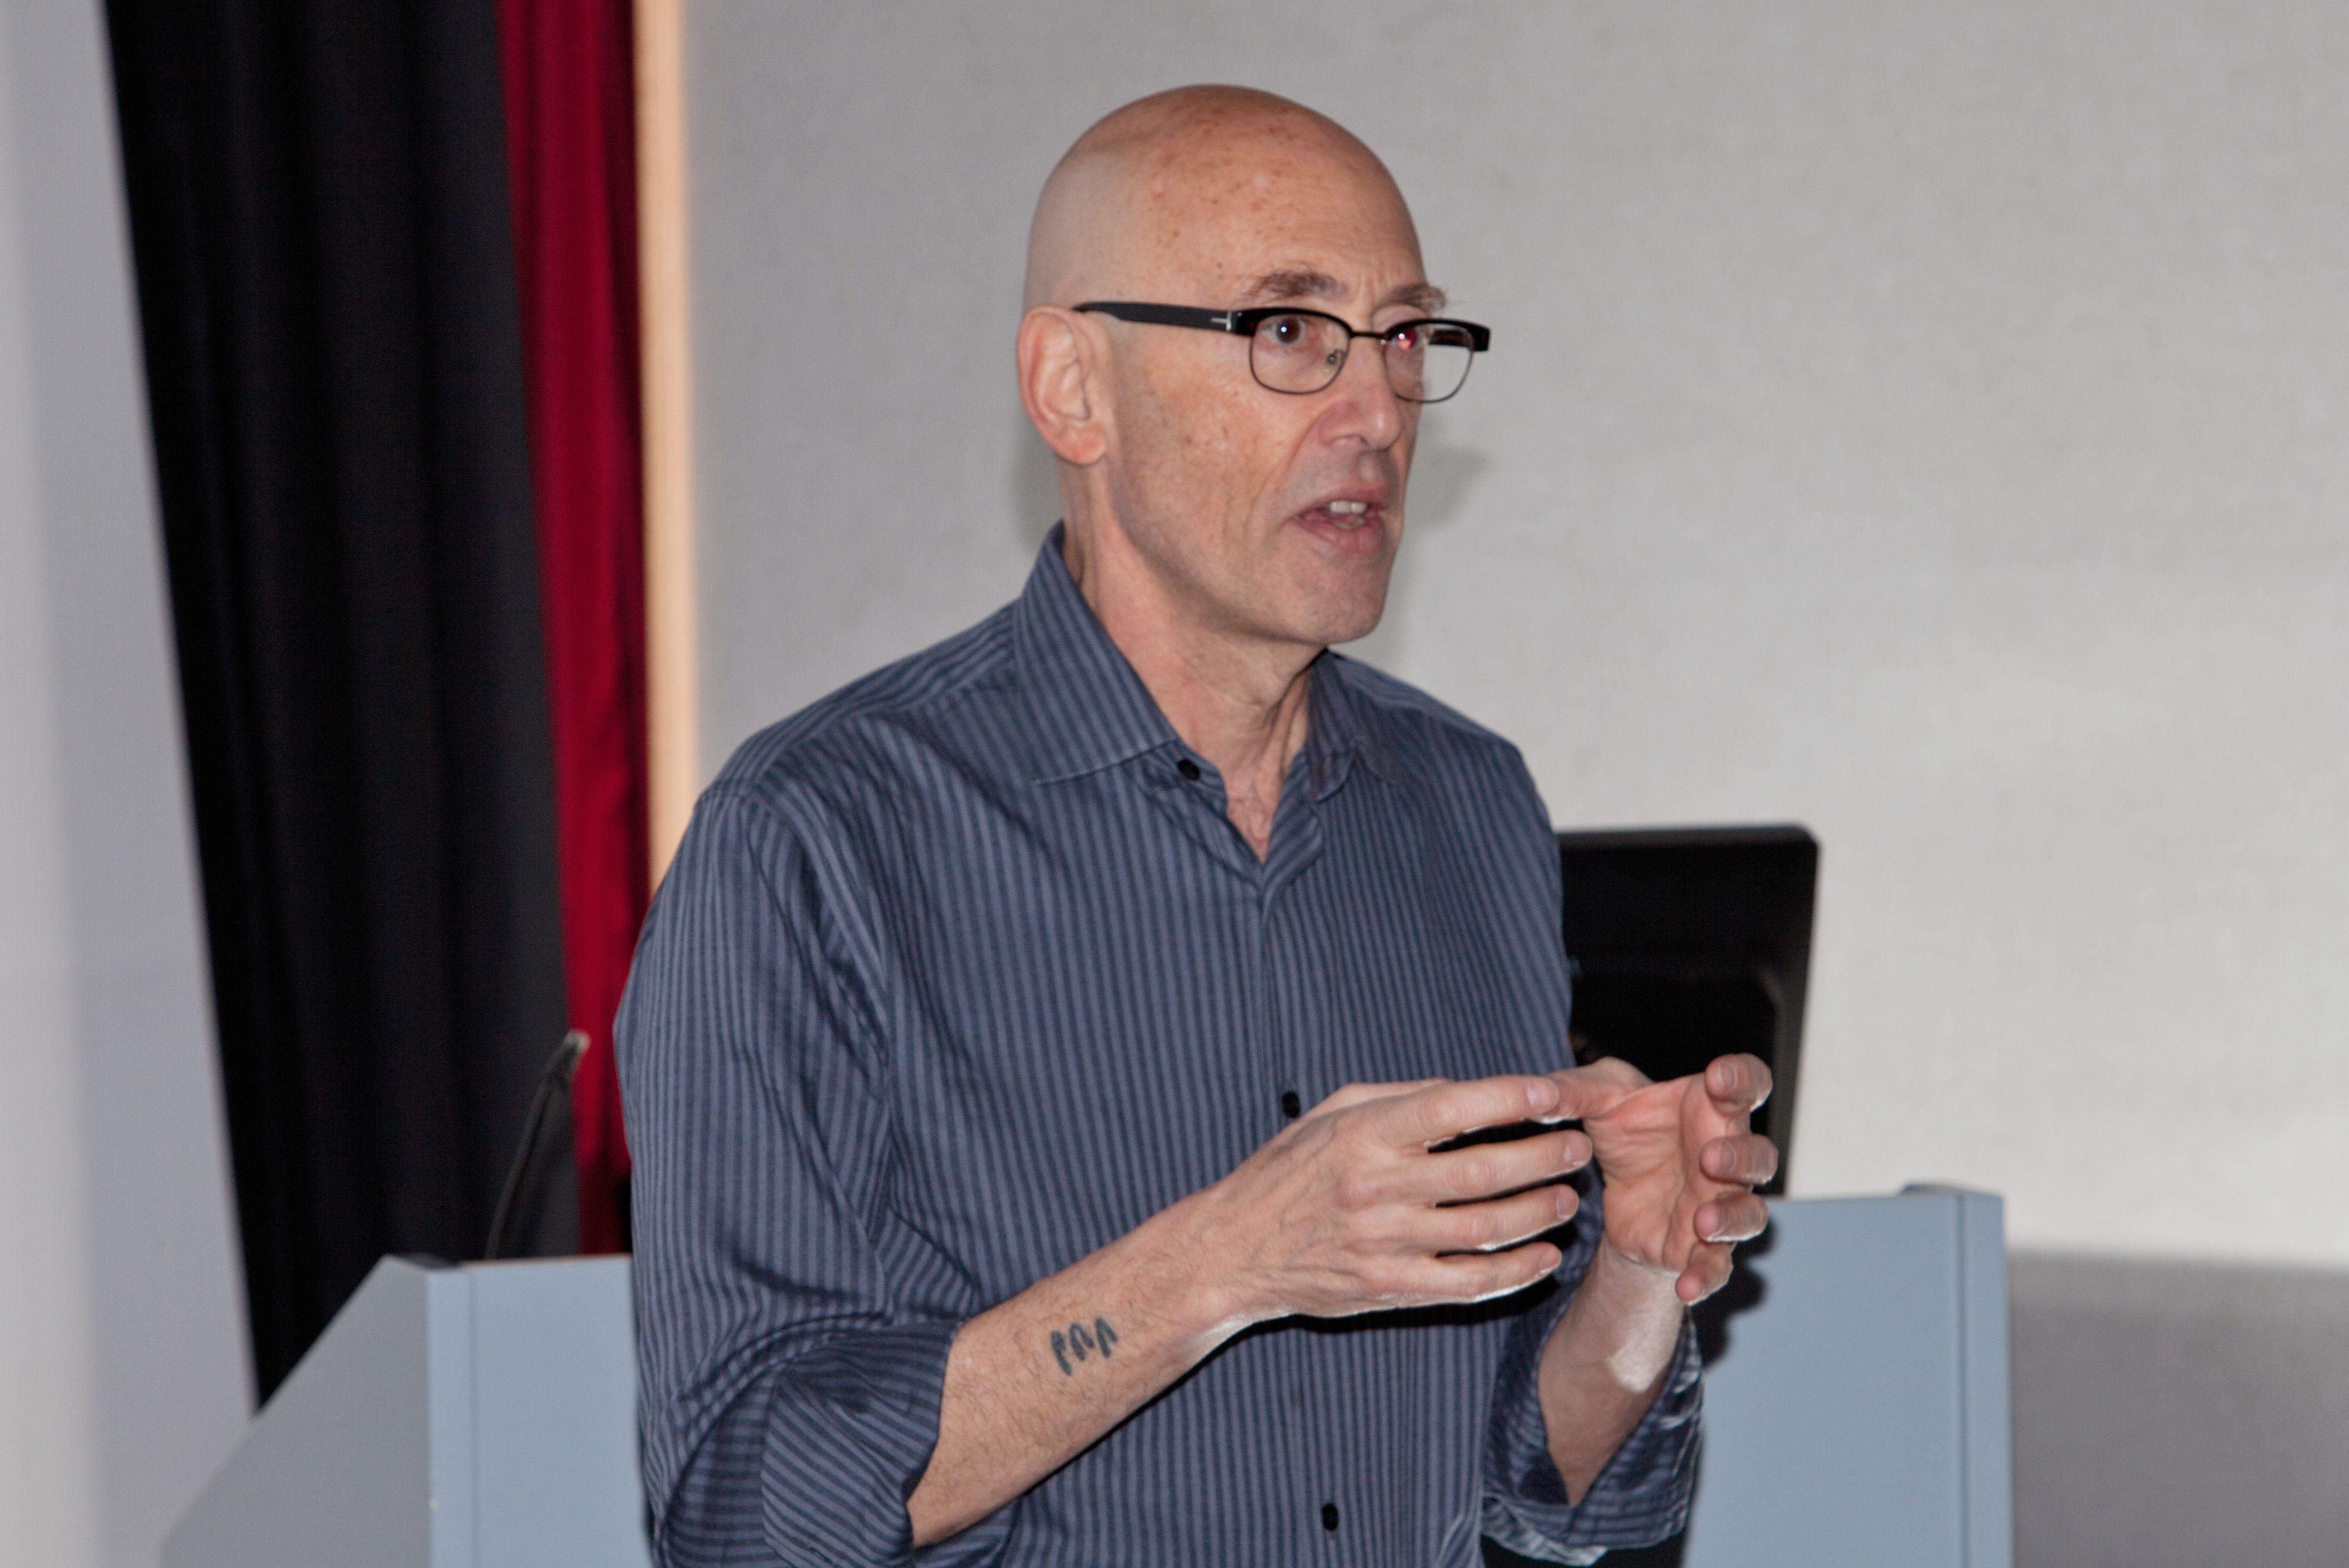 Datapioneren Bob Stein tror framtidens bok blir tredimensjonal.Nordisk Film A/S